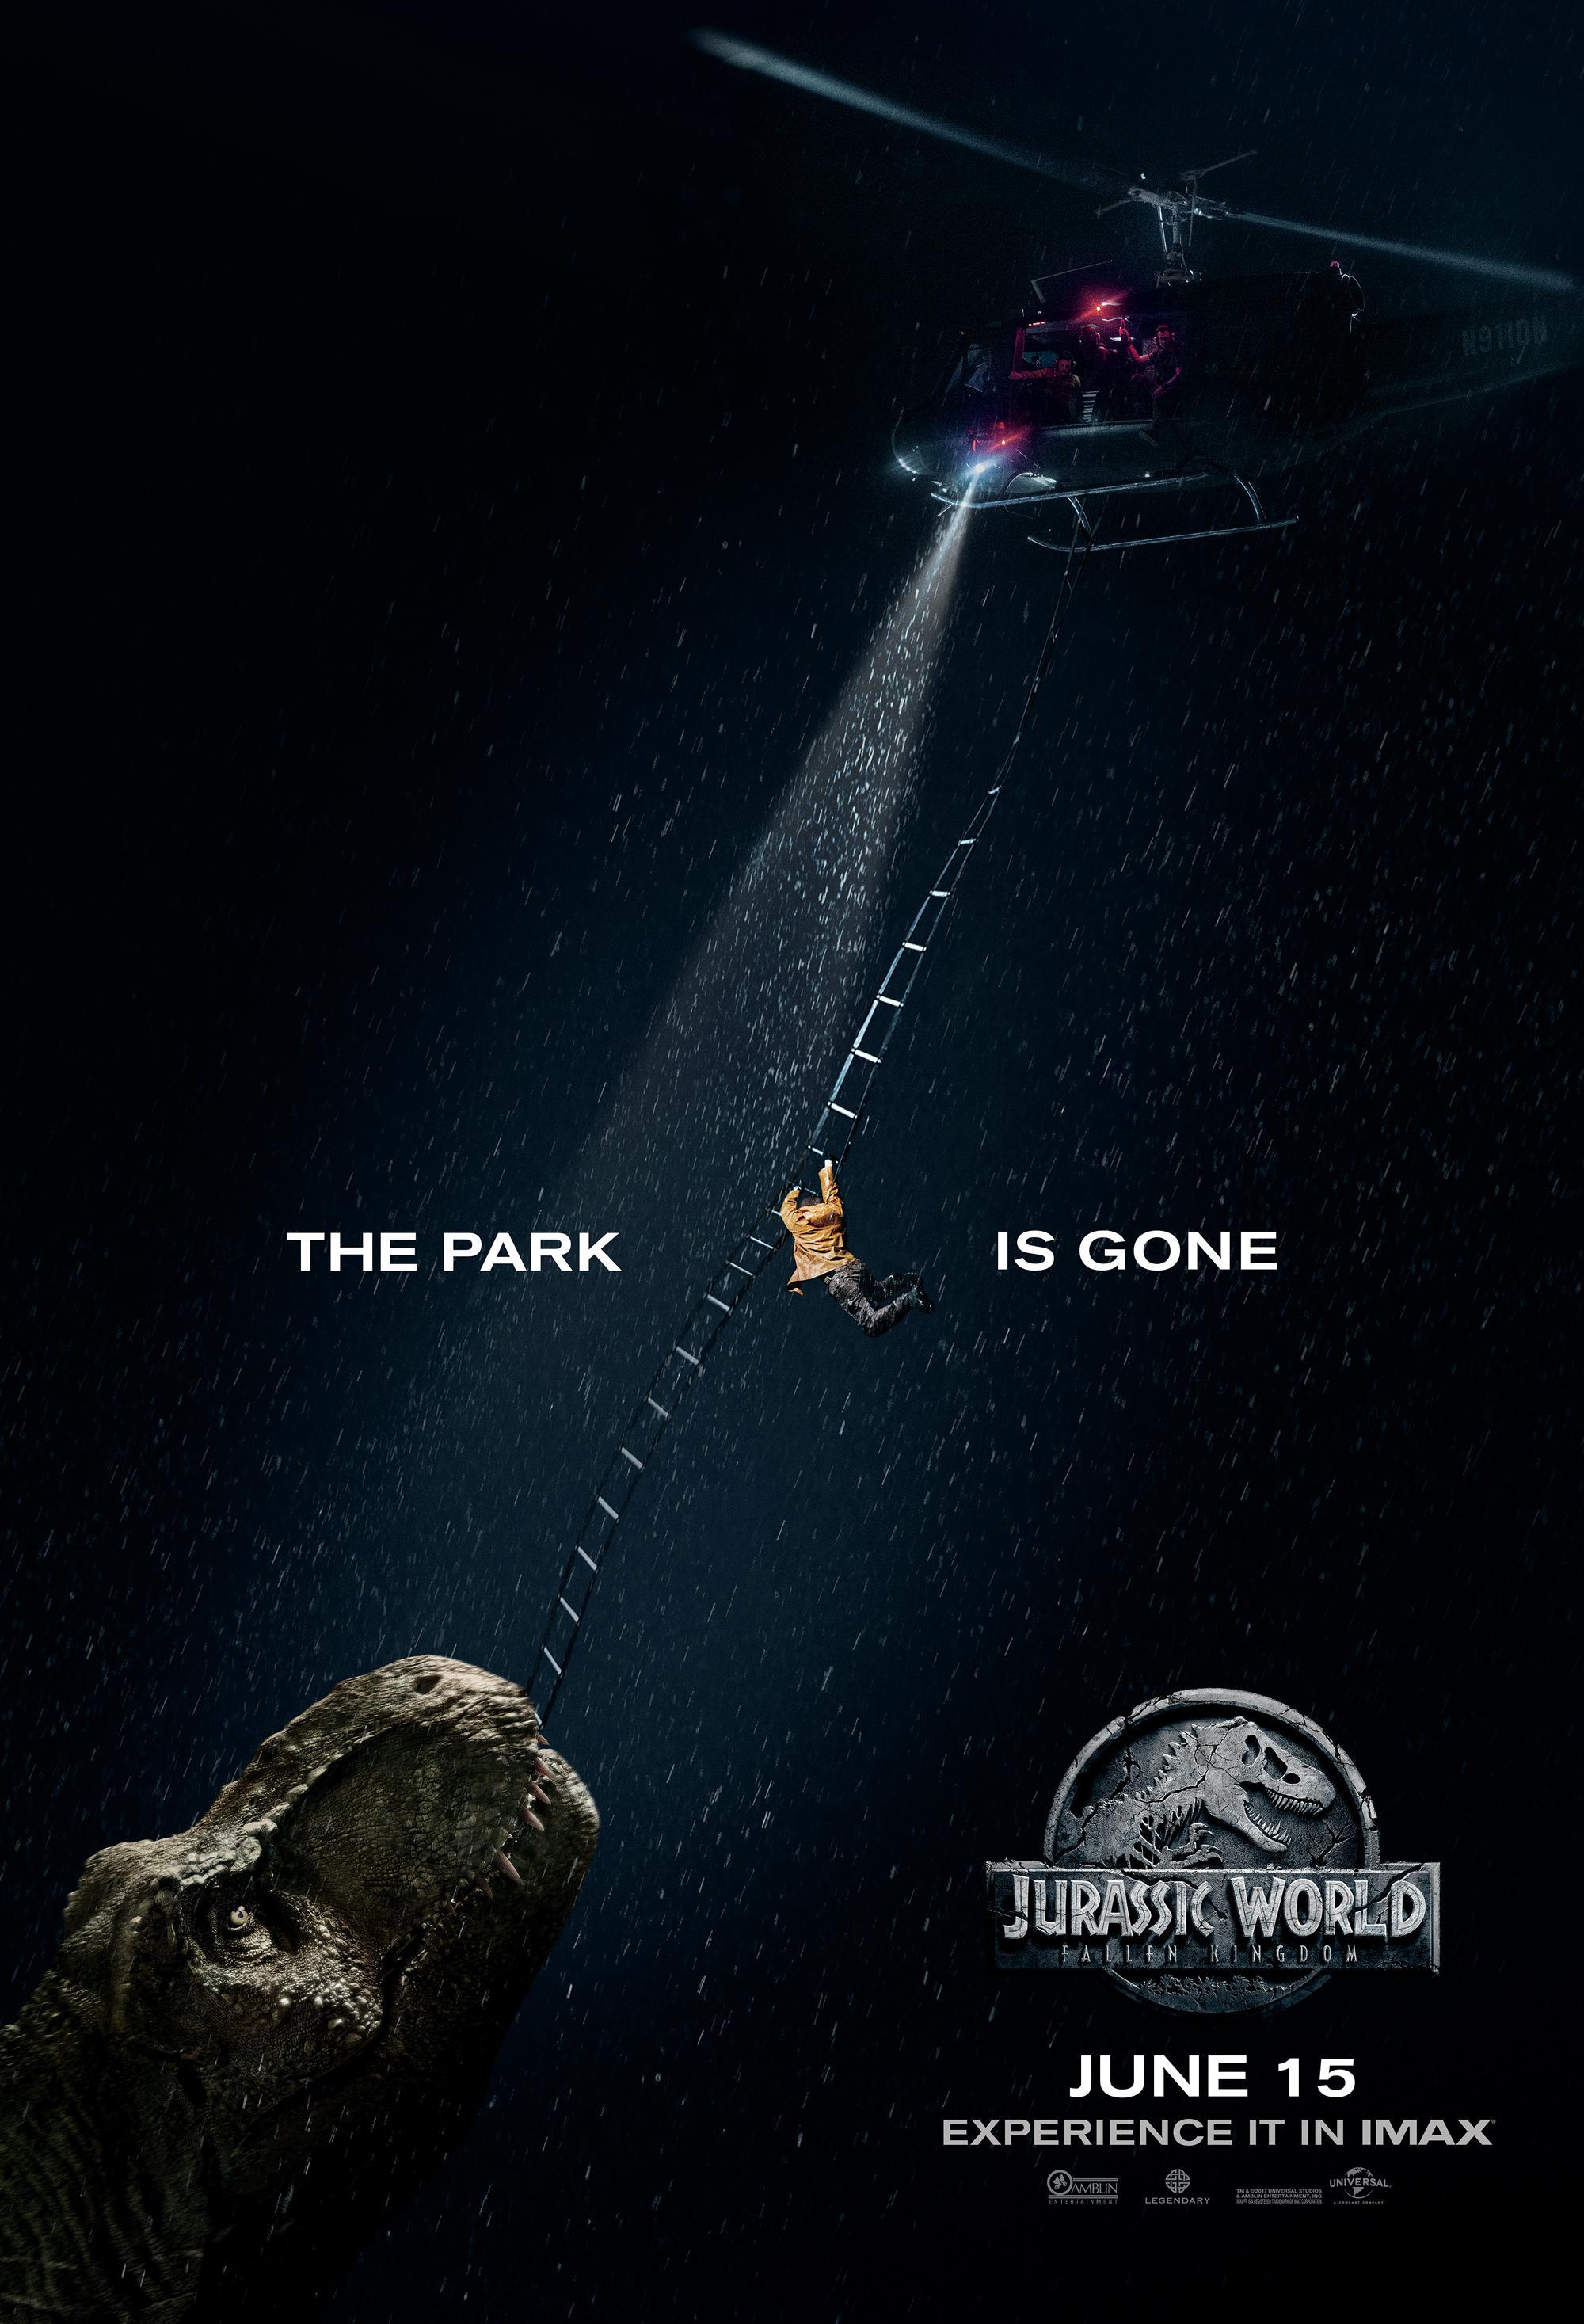 【侏罗纪世界2】IMAX专属海报